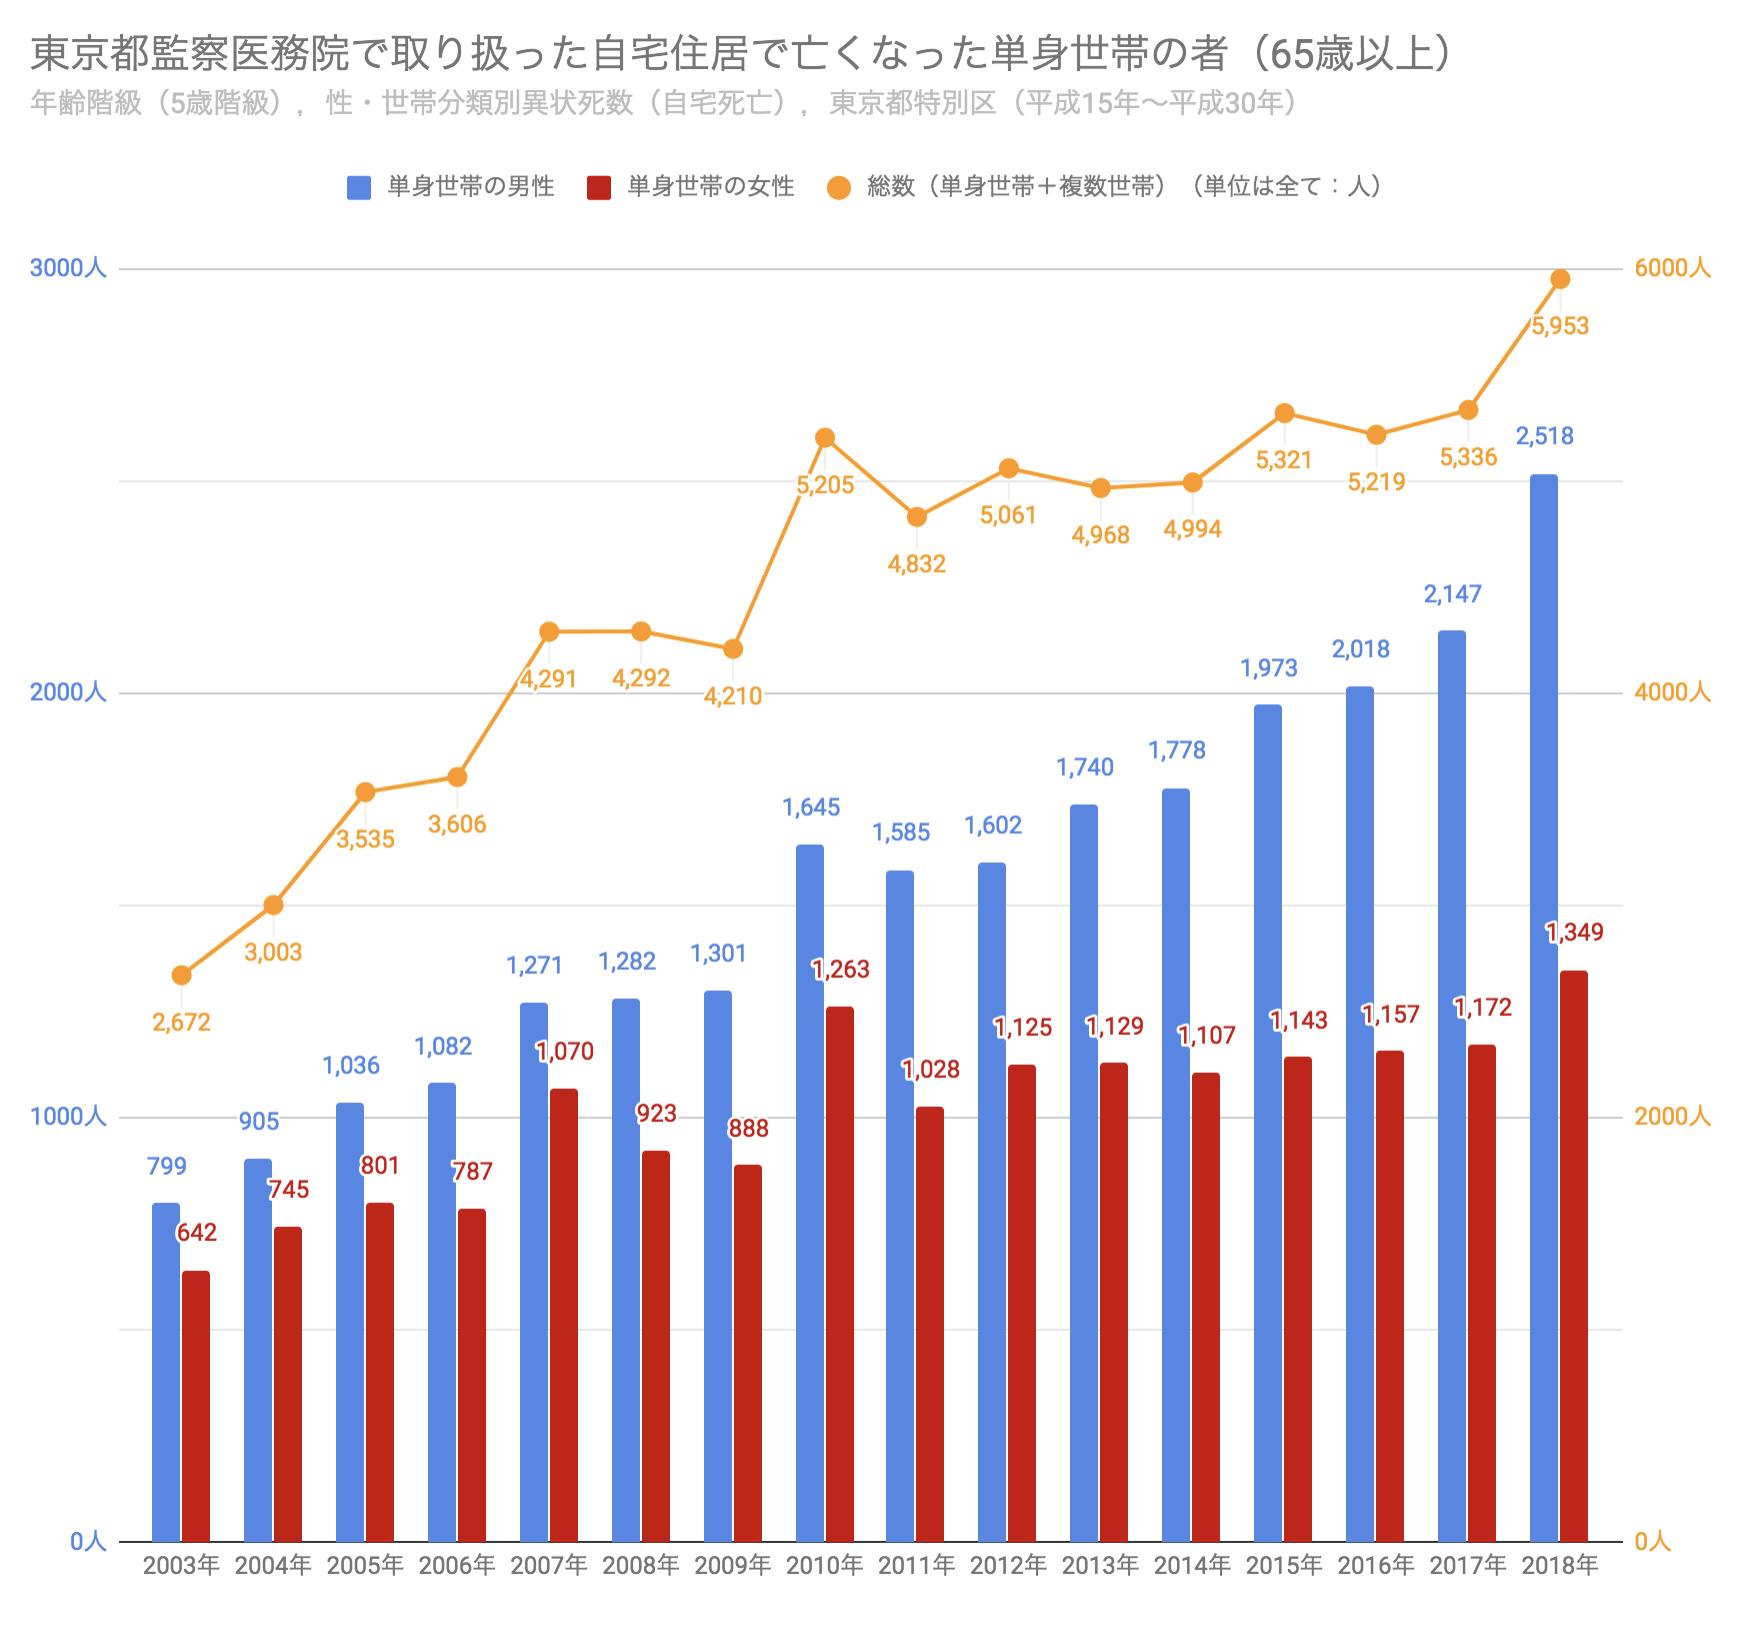 2019年8月公表の平成30年の孤独死者数を盛り込んだ東京都監察医務院で取り扱った自宅住居で亡くなった単身世帯の者の統計のグラフ